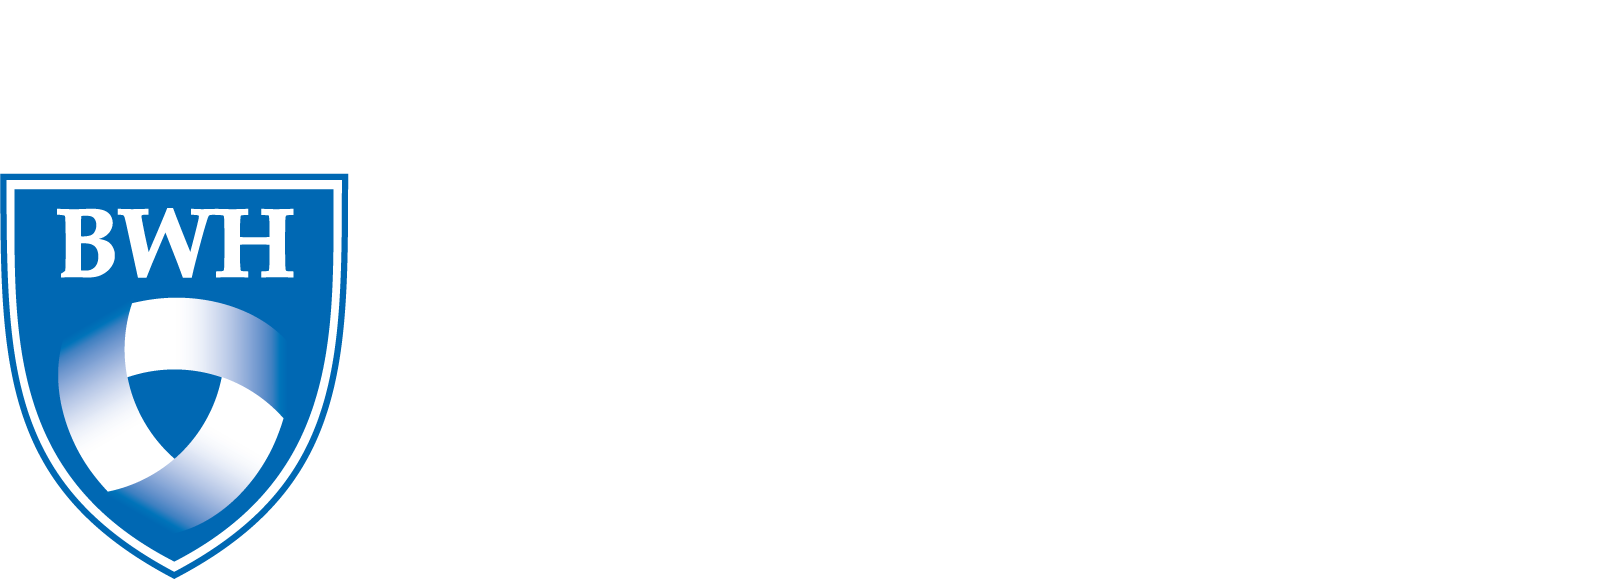 Brigham Research Institute.